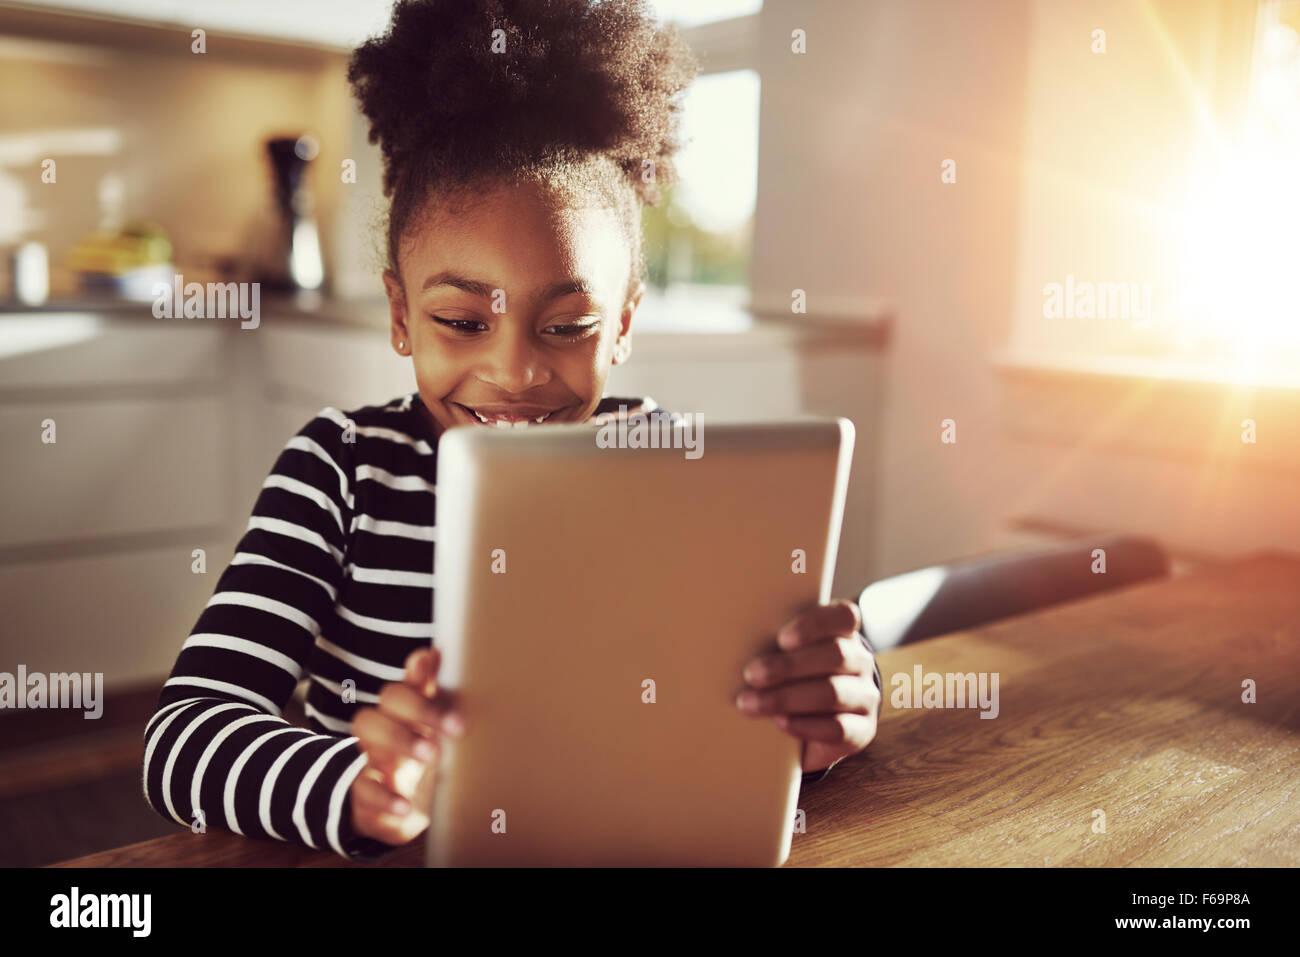 Glückliche kleine ethnische schwarzes Mädchen zu Hause sitzen in der Küche auf einem Tablet-PC mit Stockbild